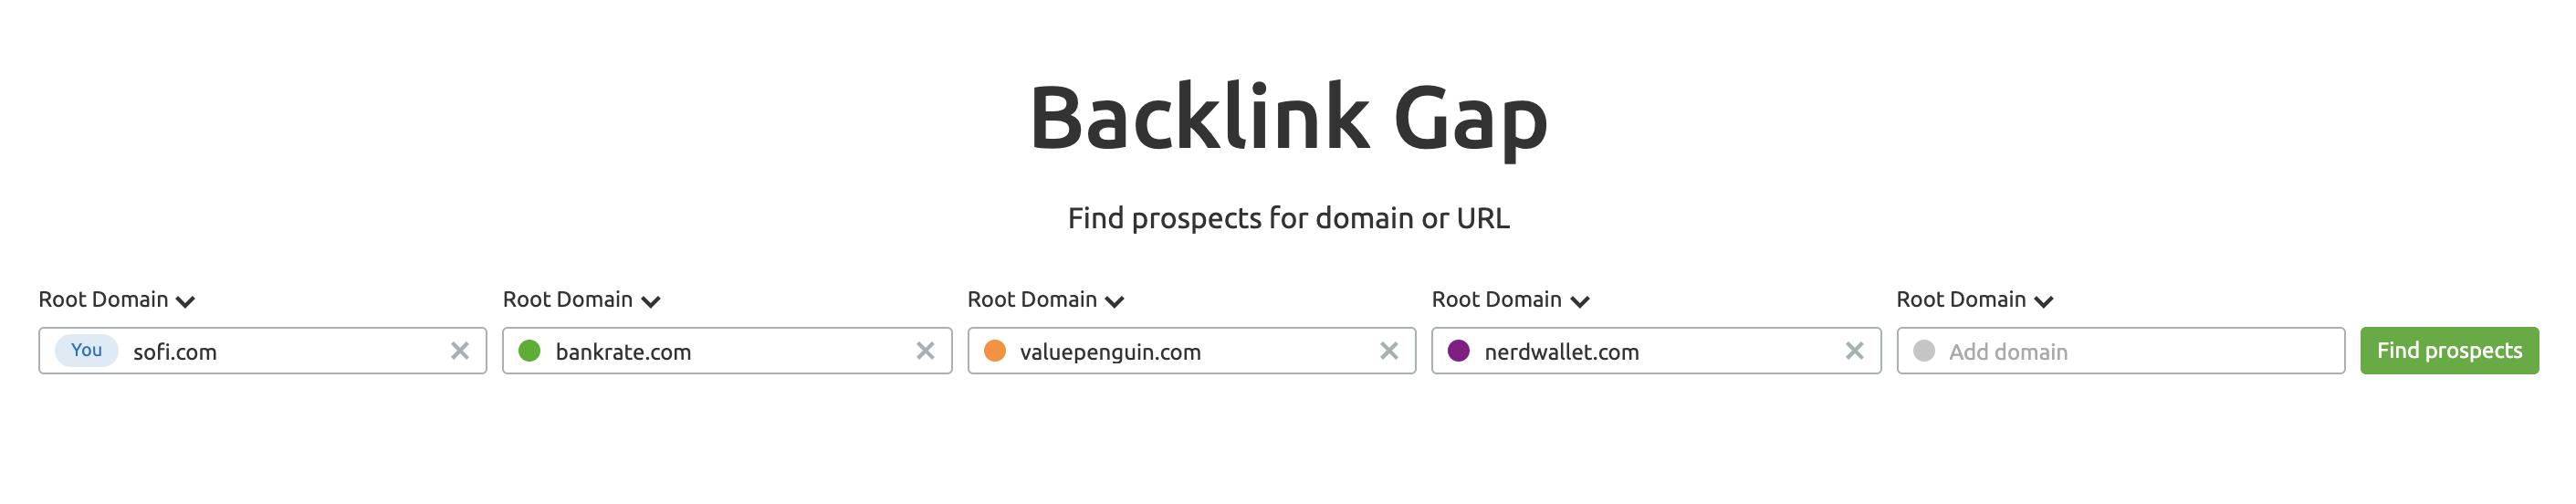 SEMrush Backlink Gap Tool screenshot